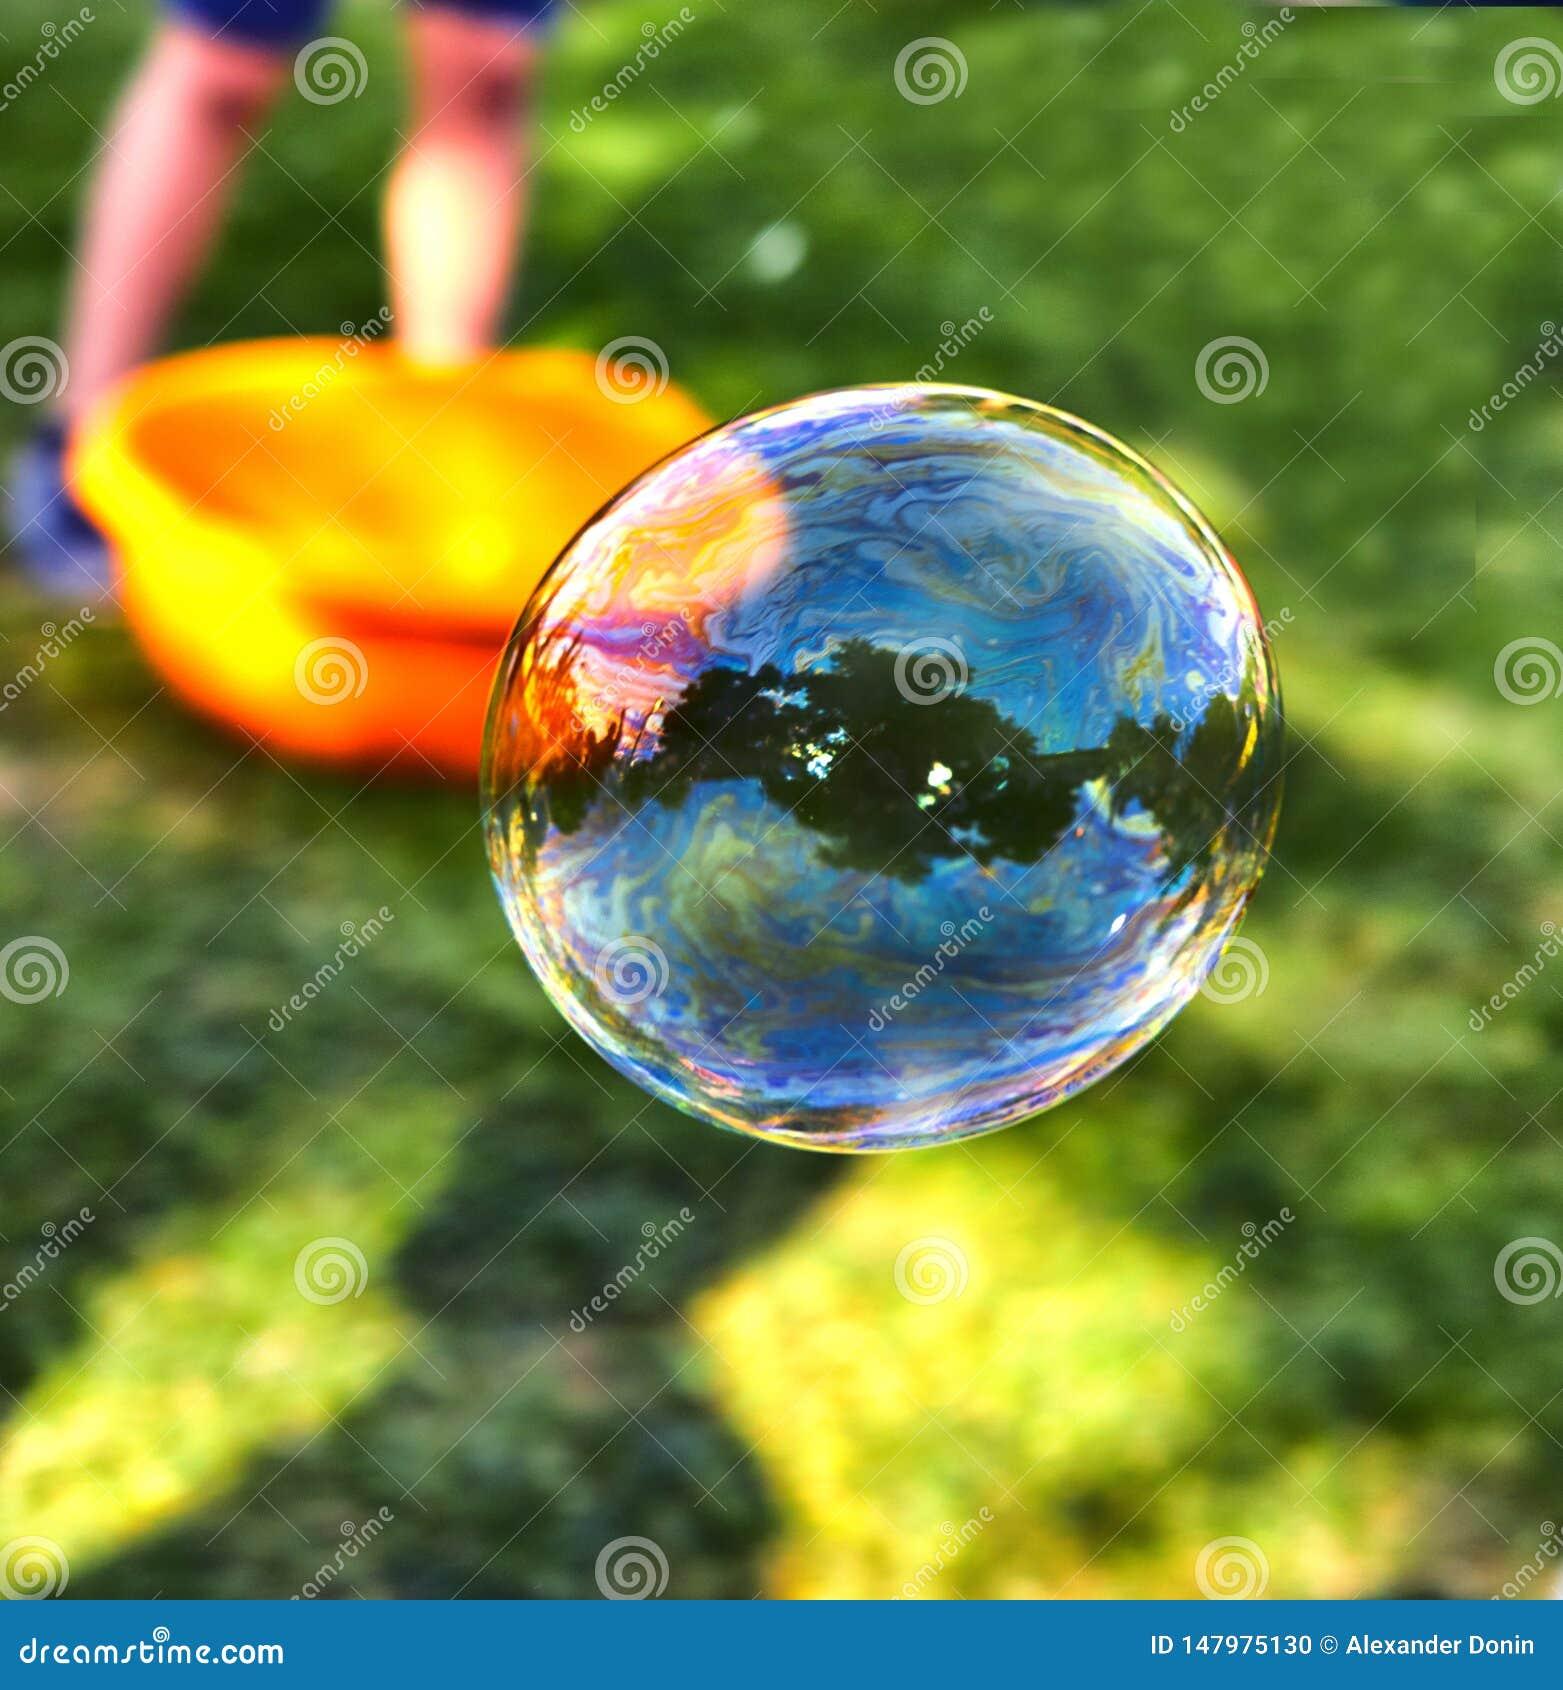 Una burbuja de jabón vuela contra la perspectiva de hierba verde